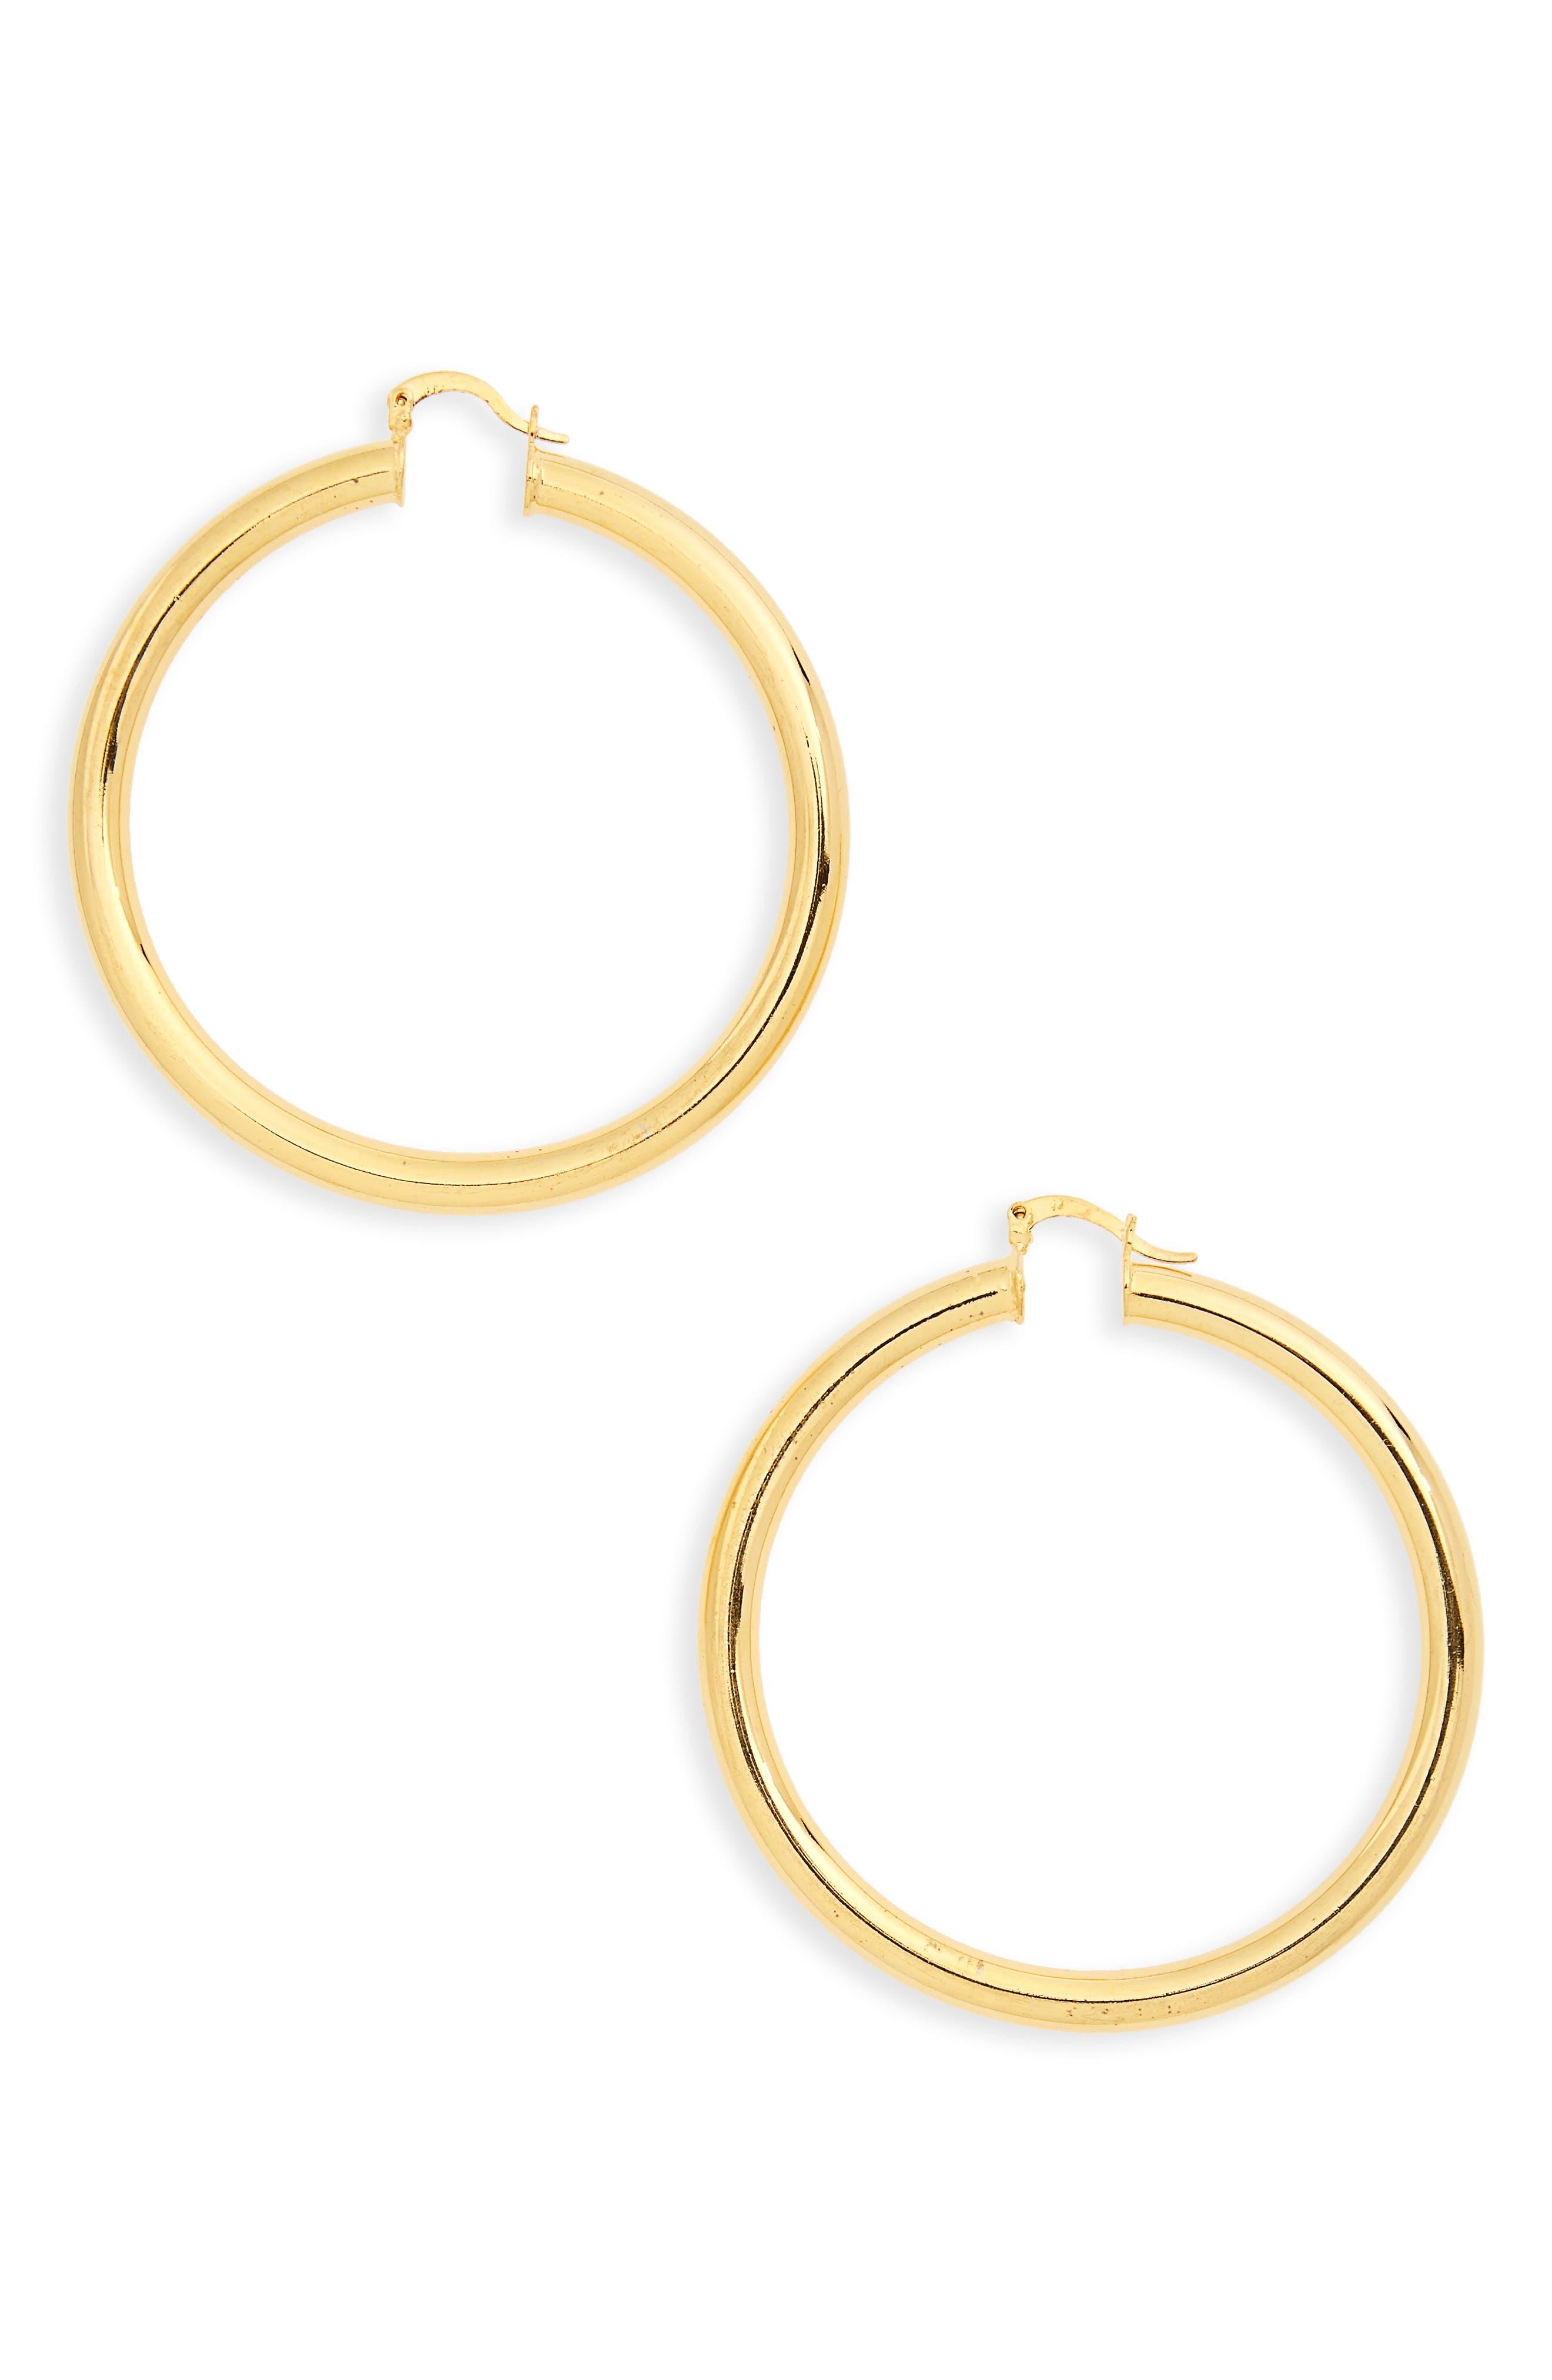 Sade Large Hoop Earrings,                         Main,                         color,